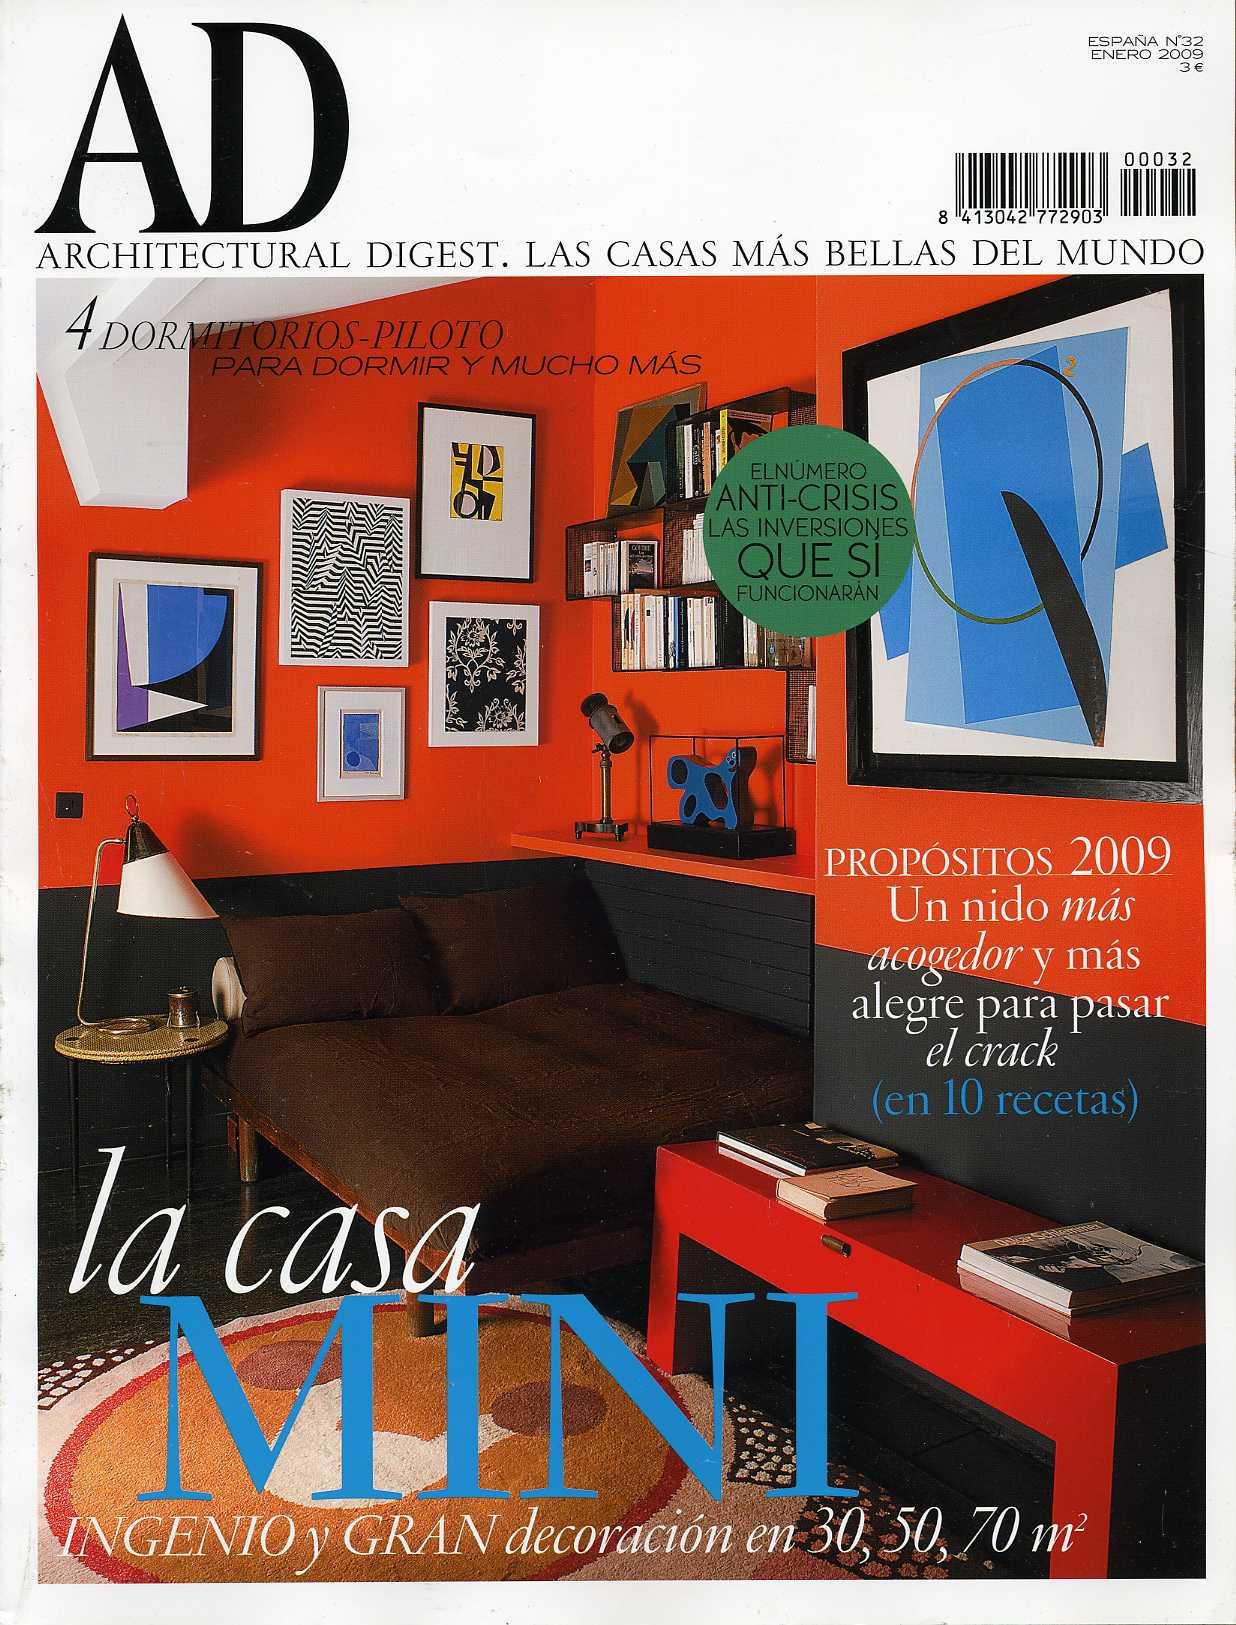 AD-Architectural Digest (Las casas más bellas del mundo)